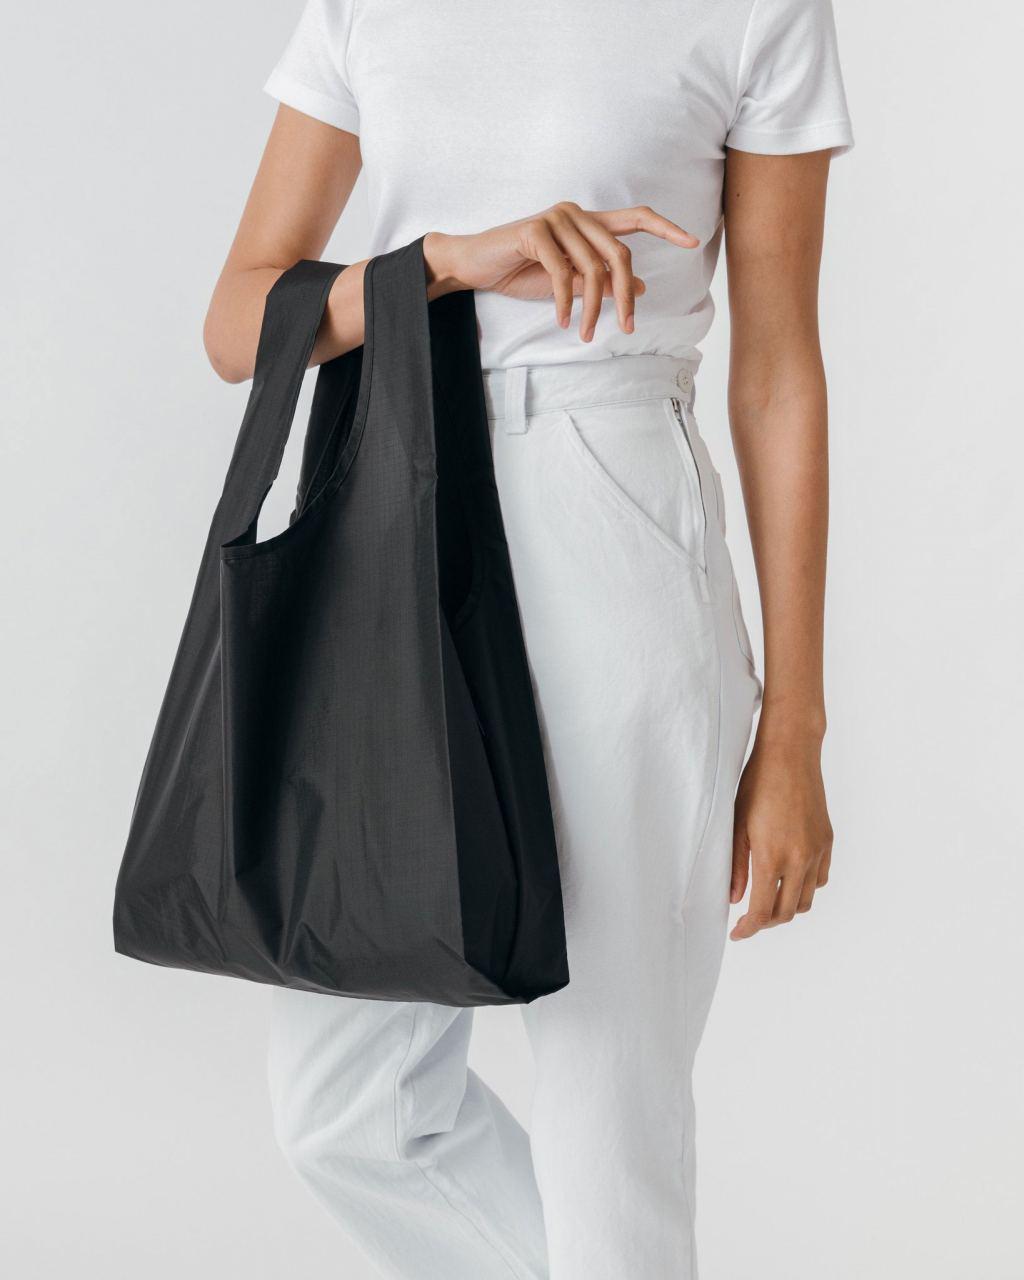 Einkaufsbeutel Black